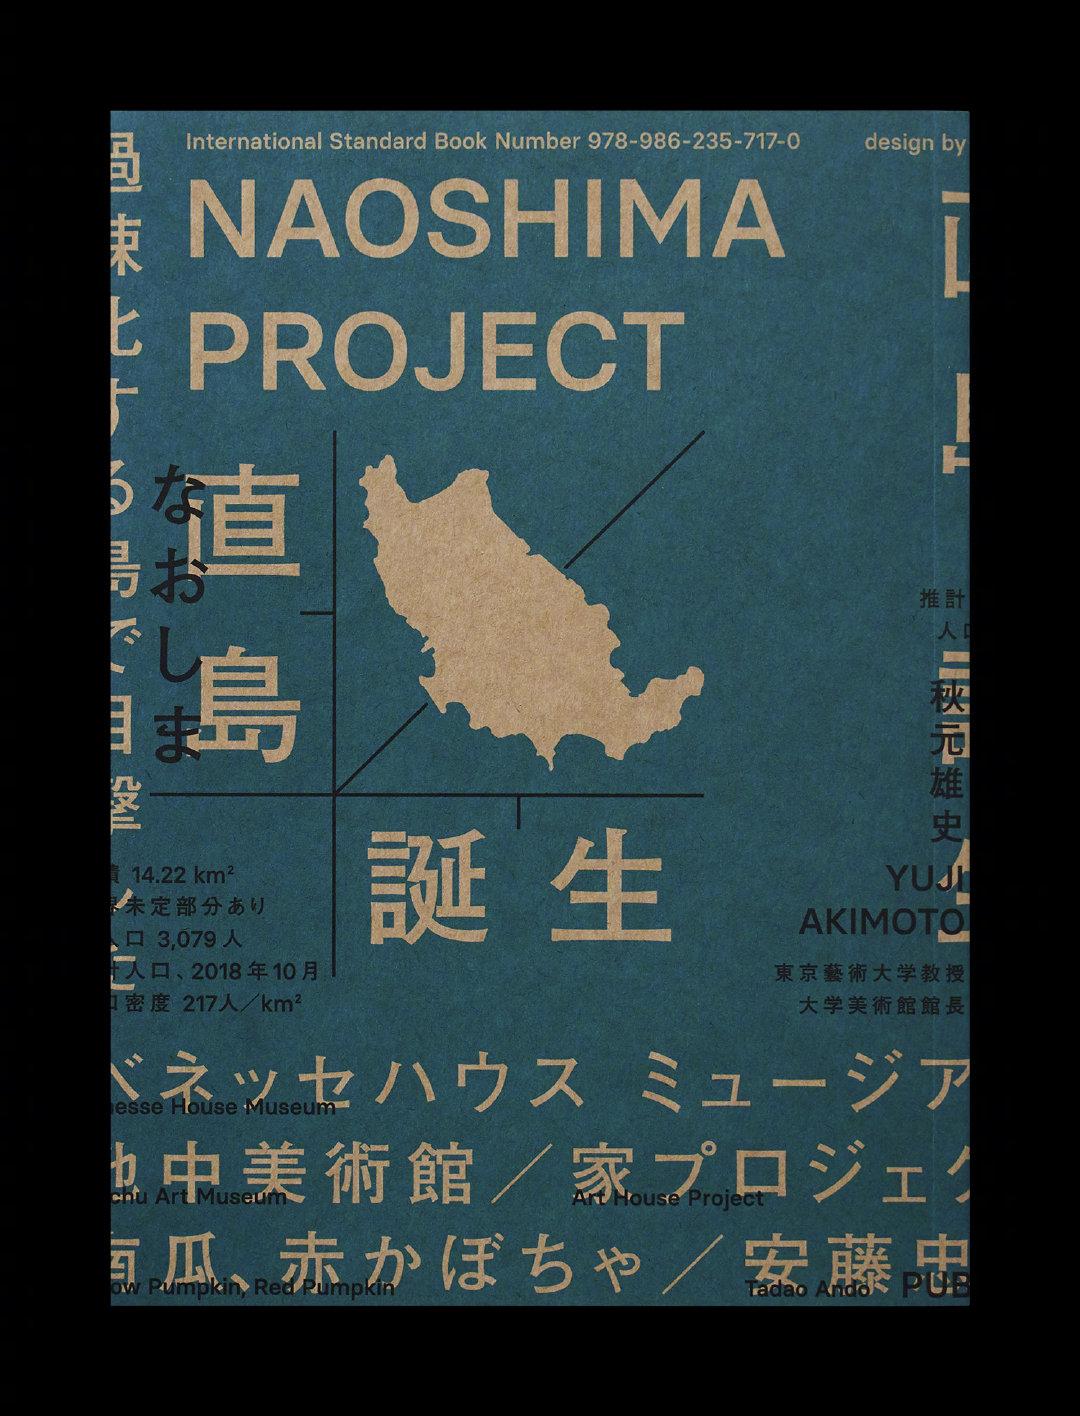 王志弘2019年的元件封面设计。他绘制字体和flash圆书籍创建通过图片